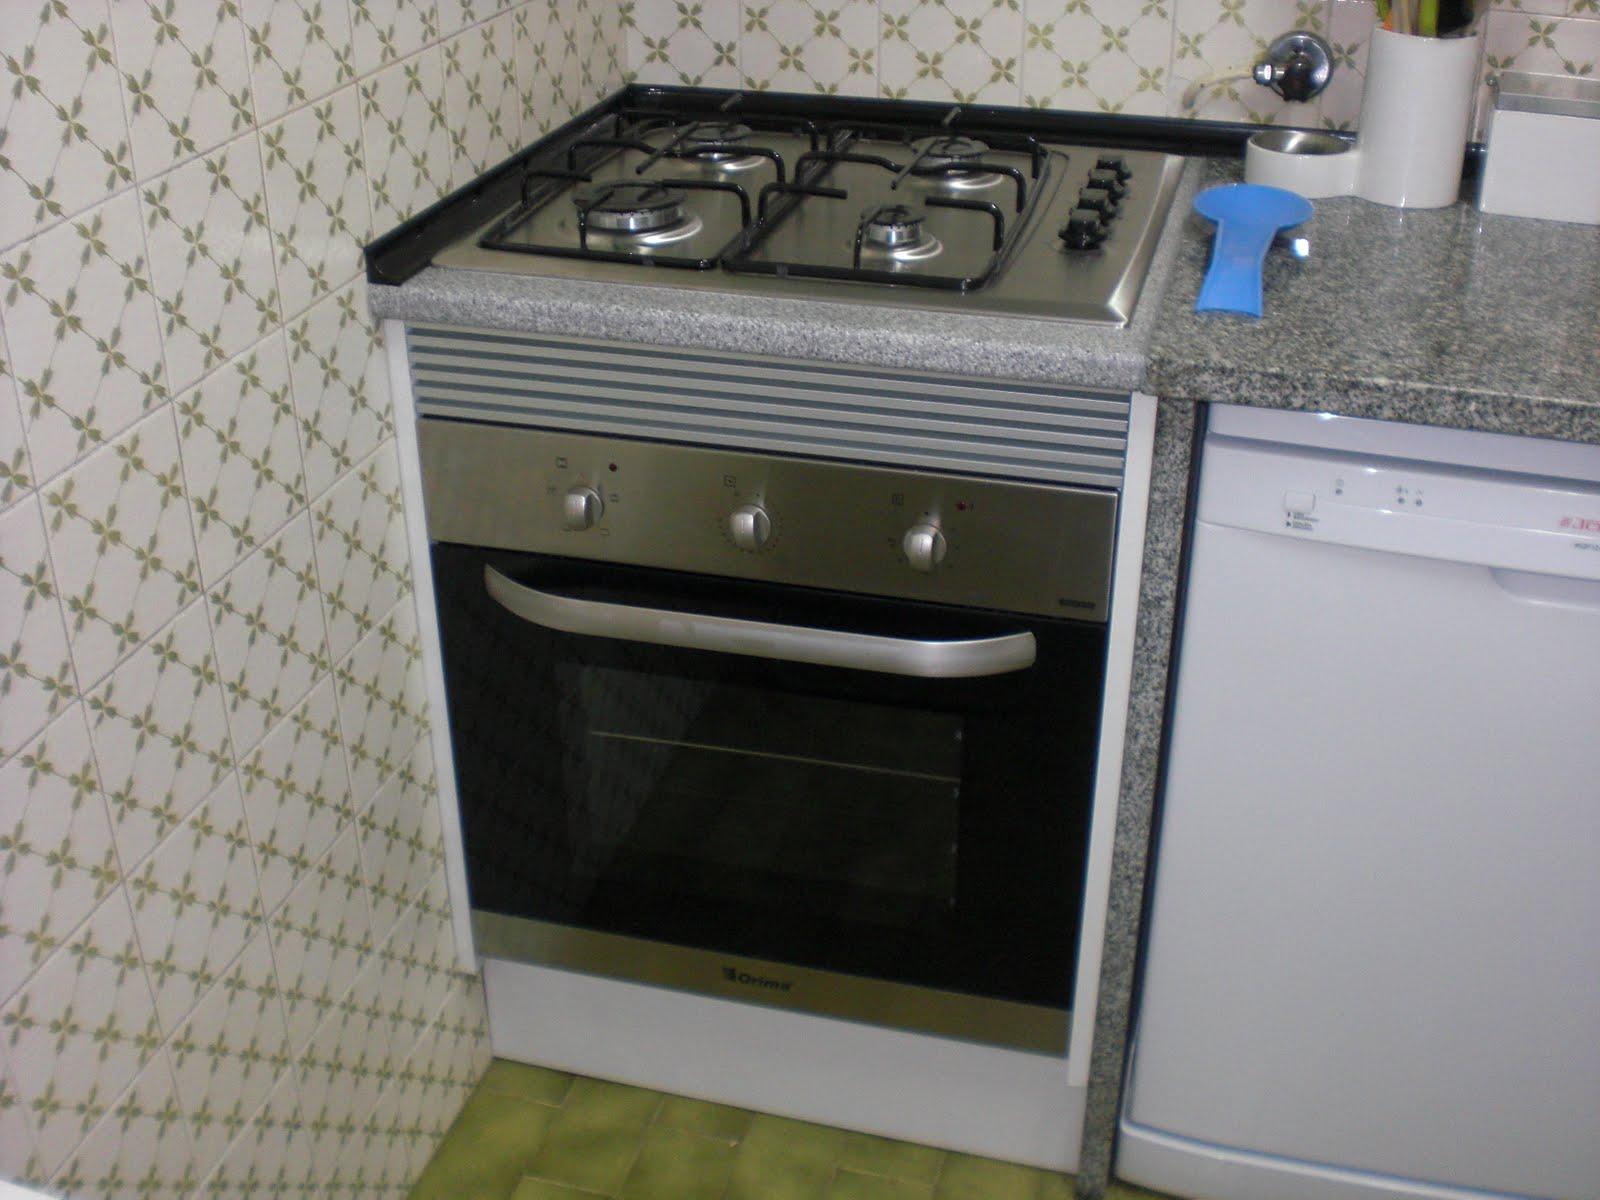 Grelha entre forno el ctrico e placa a g s f rum da casa - Microondas de encastrar ...